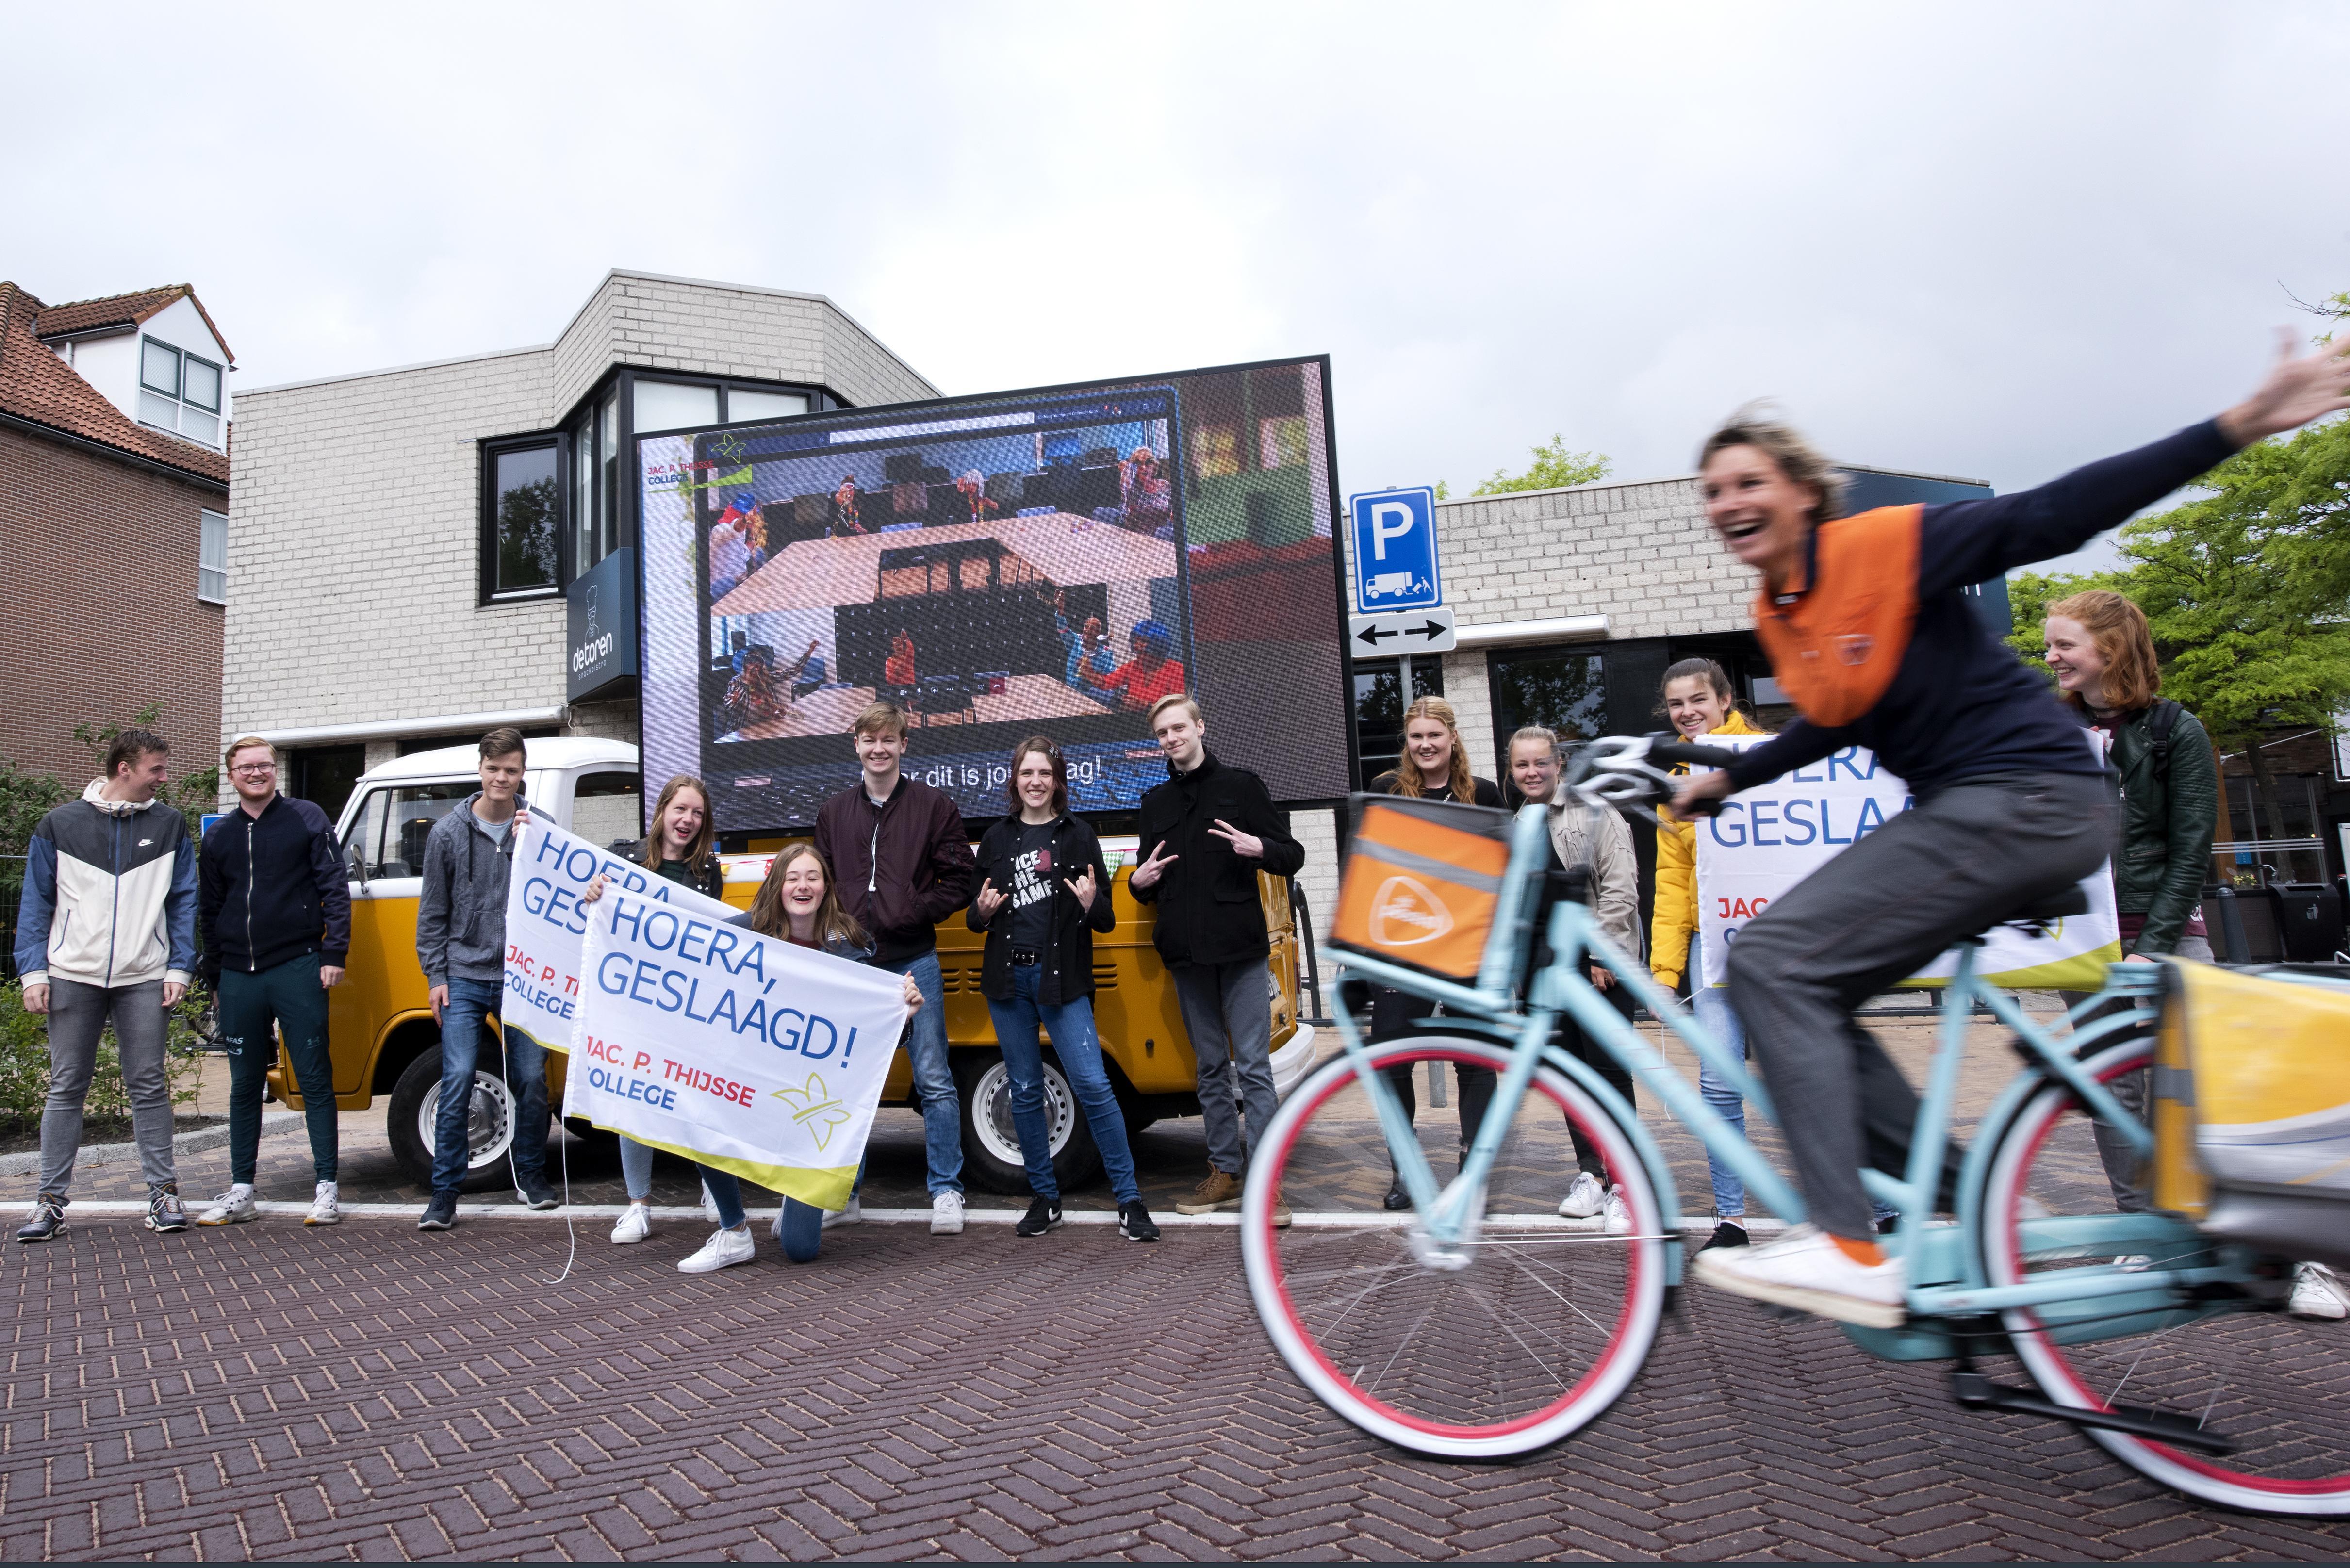 Busje met een videoscherm brengt aubade aan de eindexamenleerlingen van het Jac. P. Thijsse College in Castricum. 'Ik zal de school ontzettend missen. Zeker nu het zomaar opeens allemaal voorbij is'